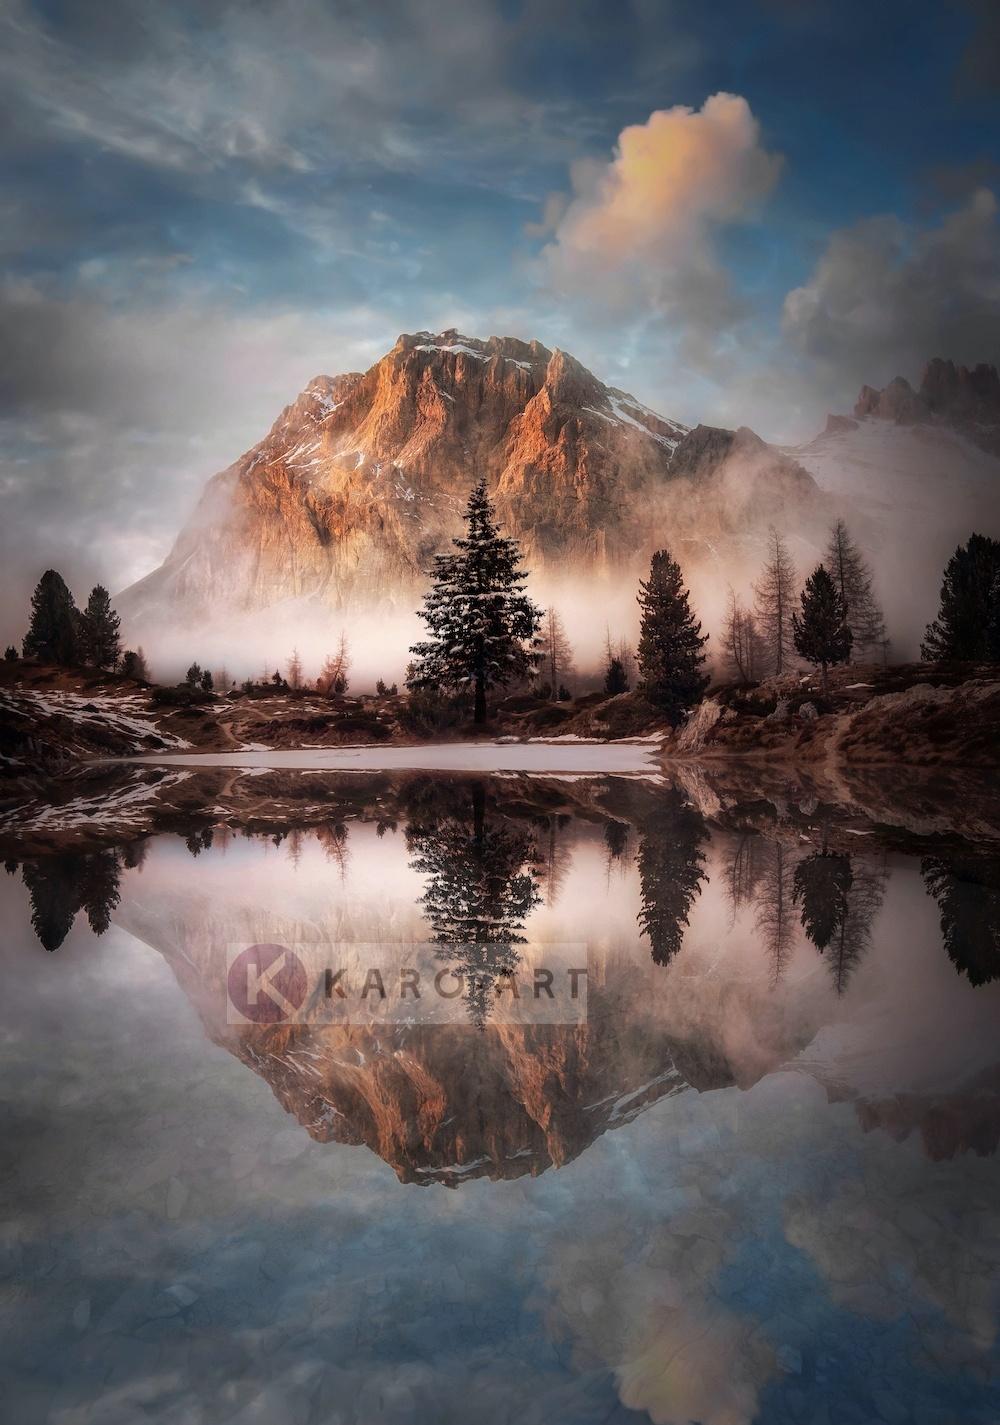 Afbeelding op acrylglas - Prachtig Landschap